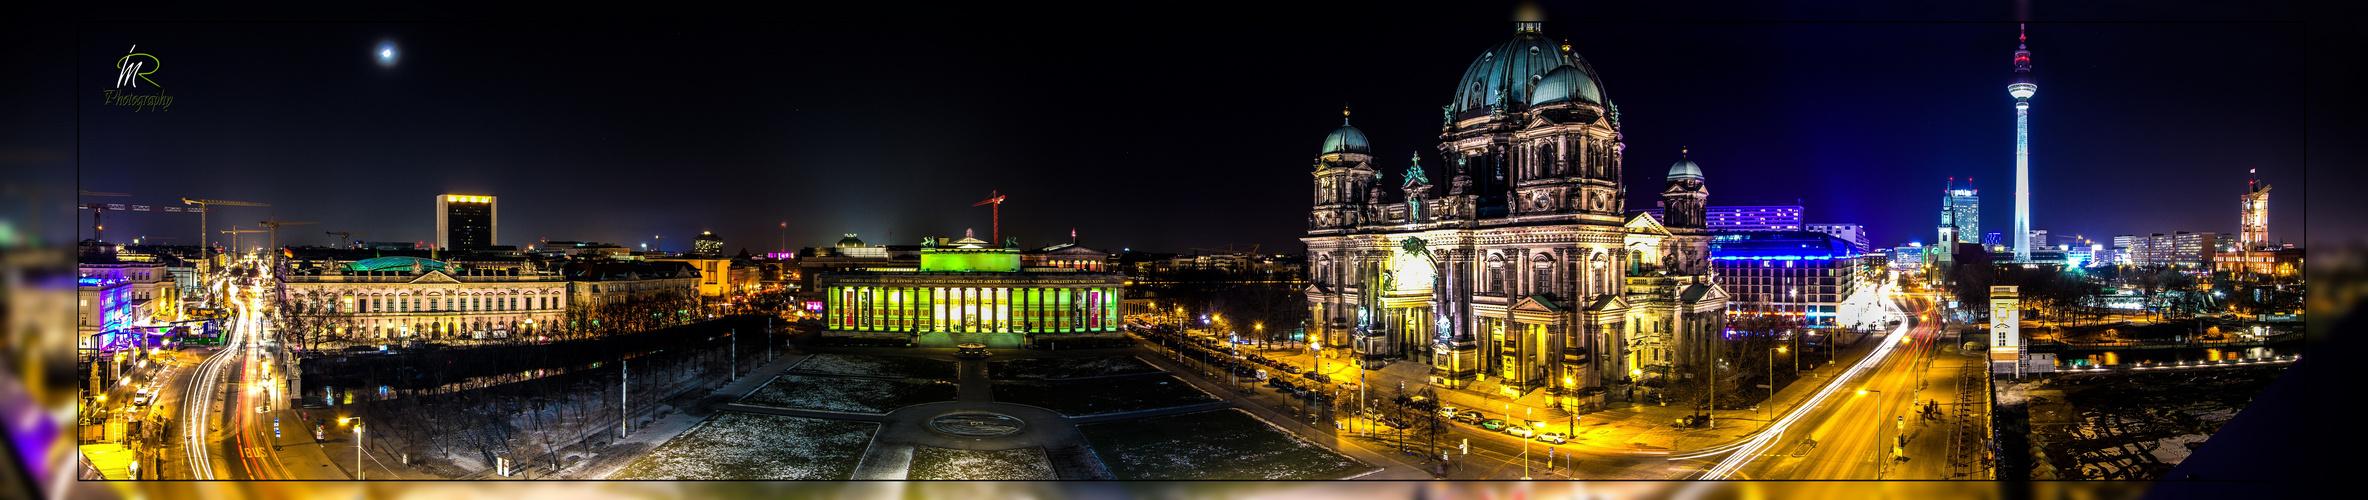 Berlin Skyline von der Humboldtbox